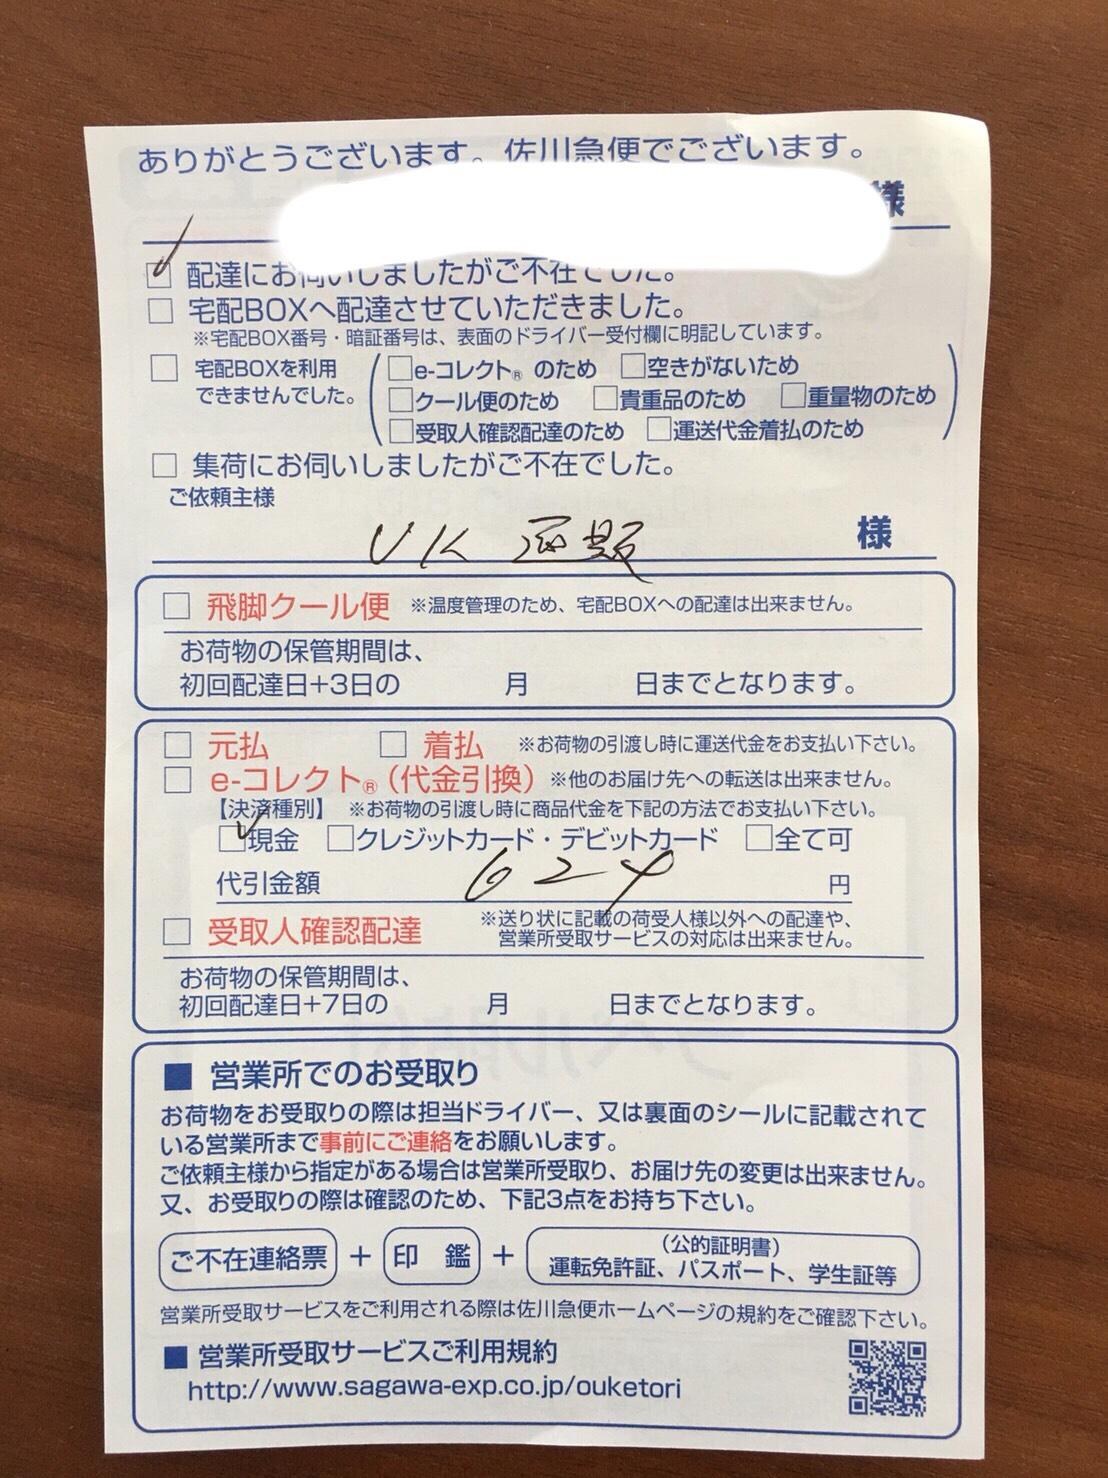 佐川急便で届いたマイプロテイン商品で「代金引換624円」が発生。(LINE@の読者さんから提供いただいた写真)